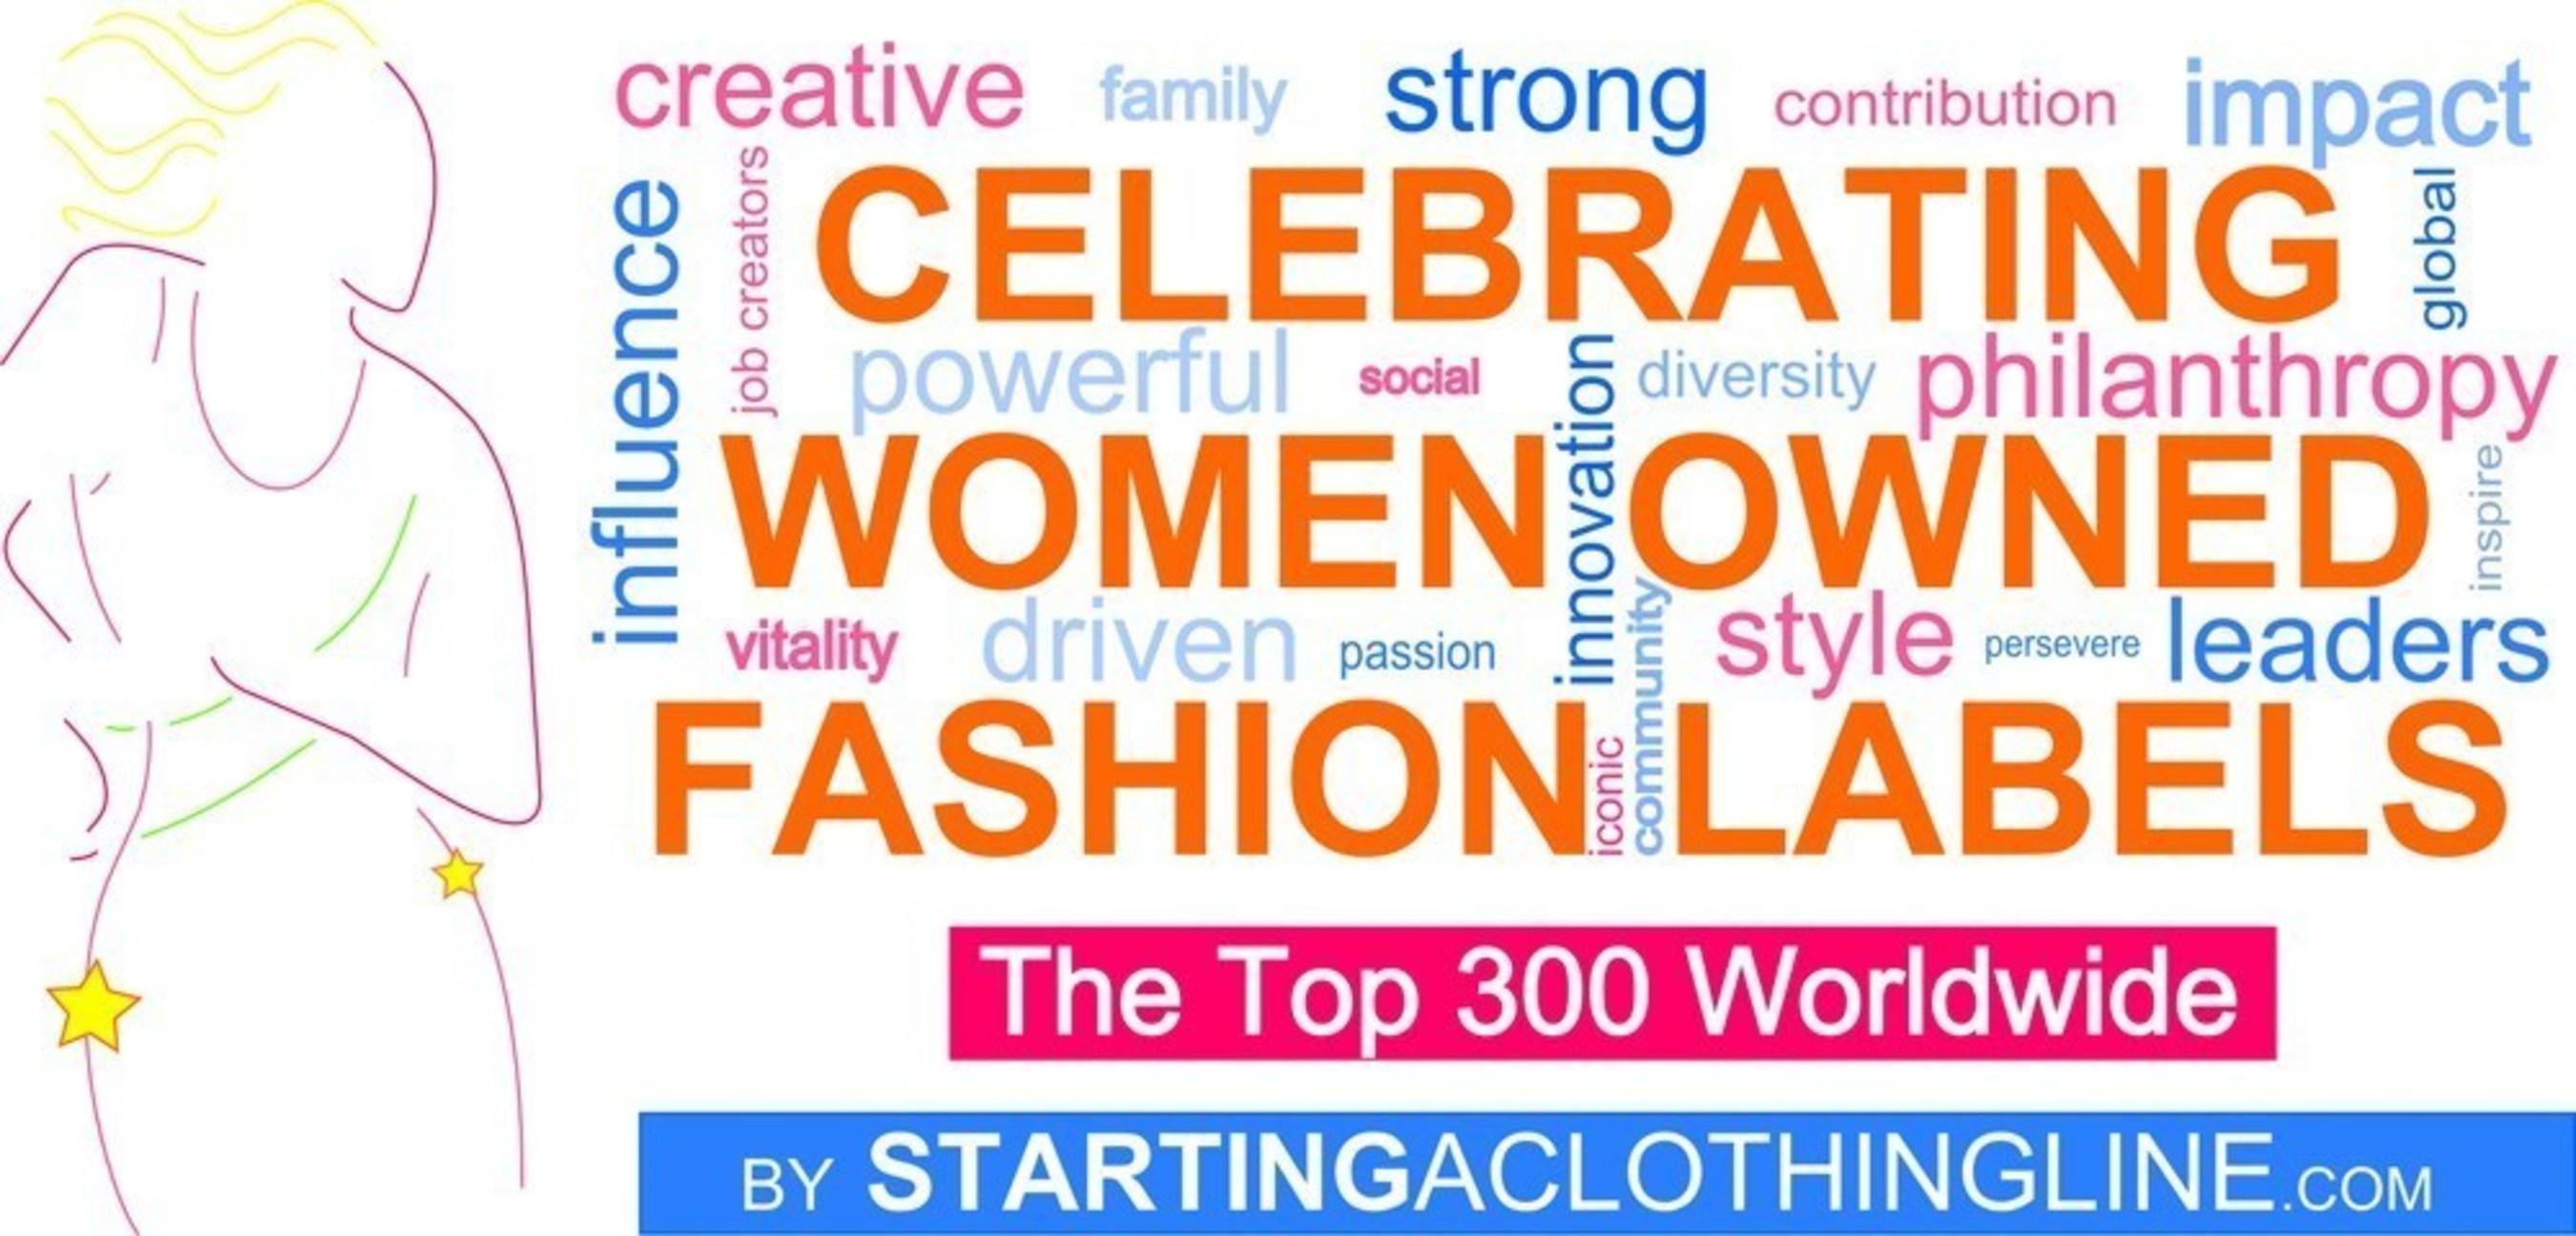 StartingAClothingLine.com Celebrates Women Owned Fashion Labels